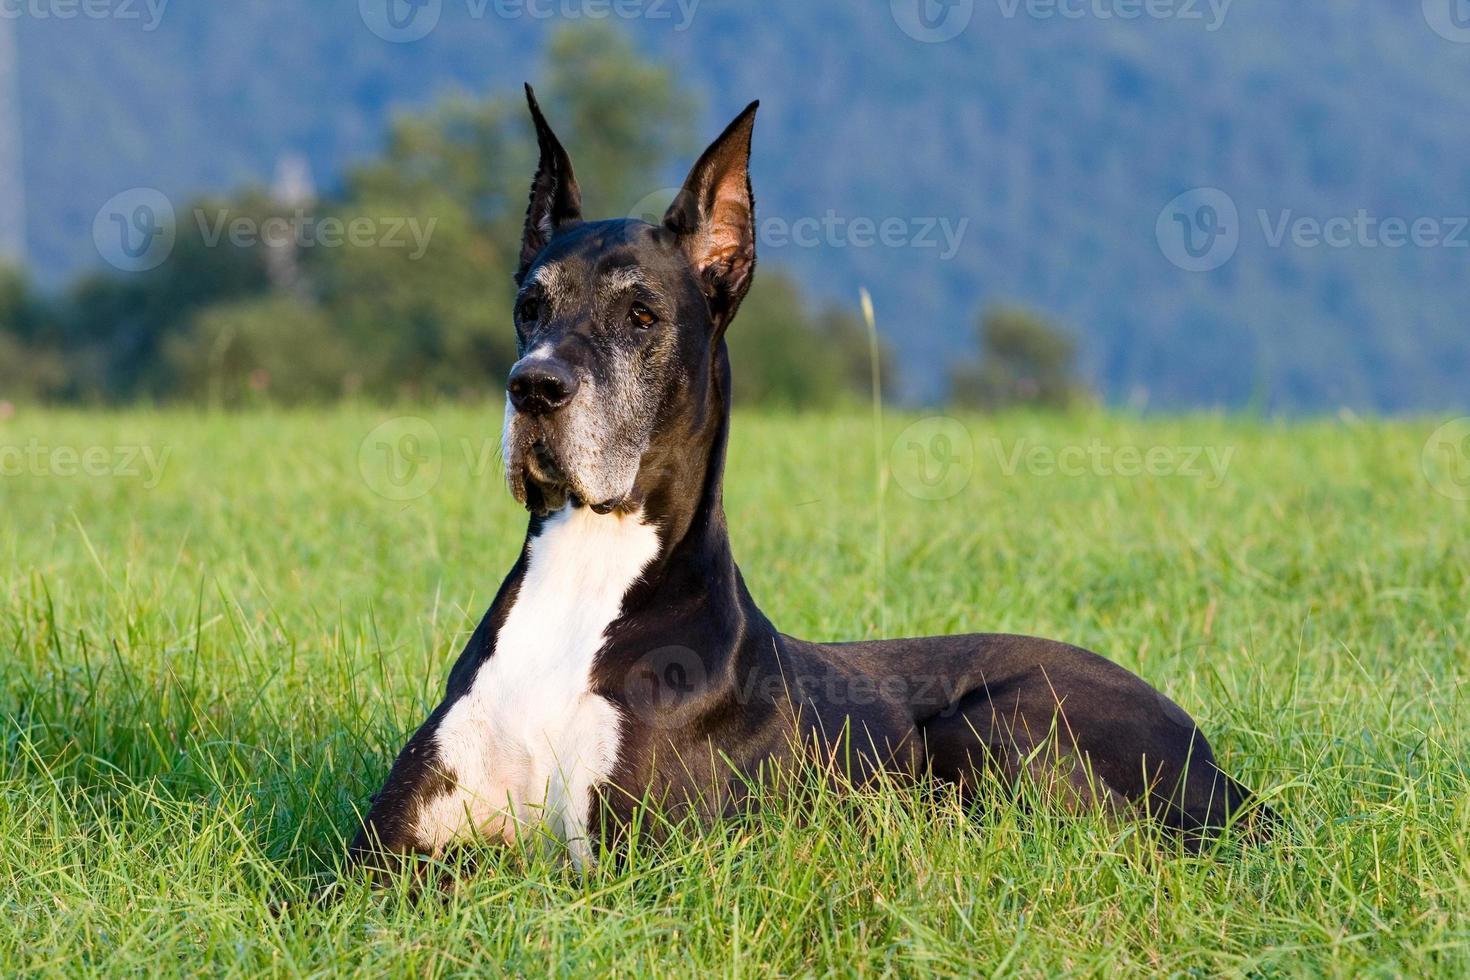 un perro esperando en el césped del parque foto